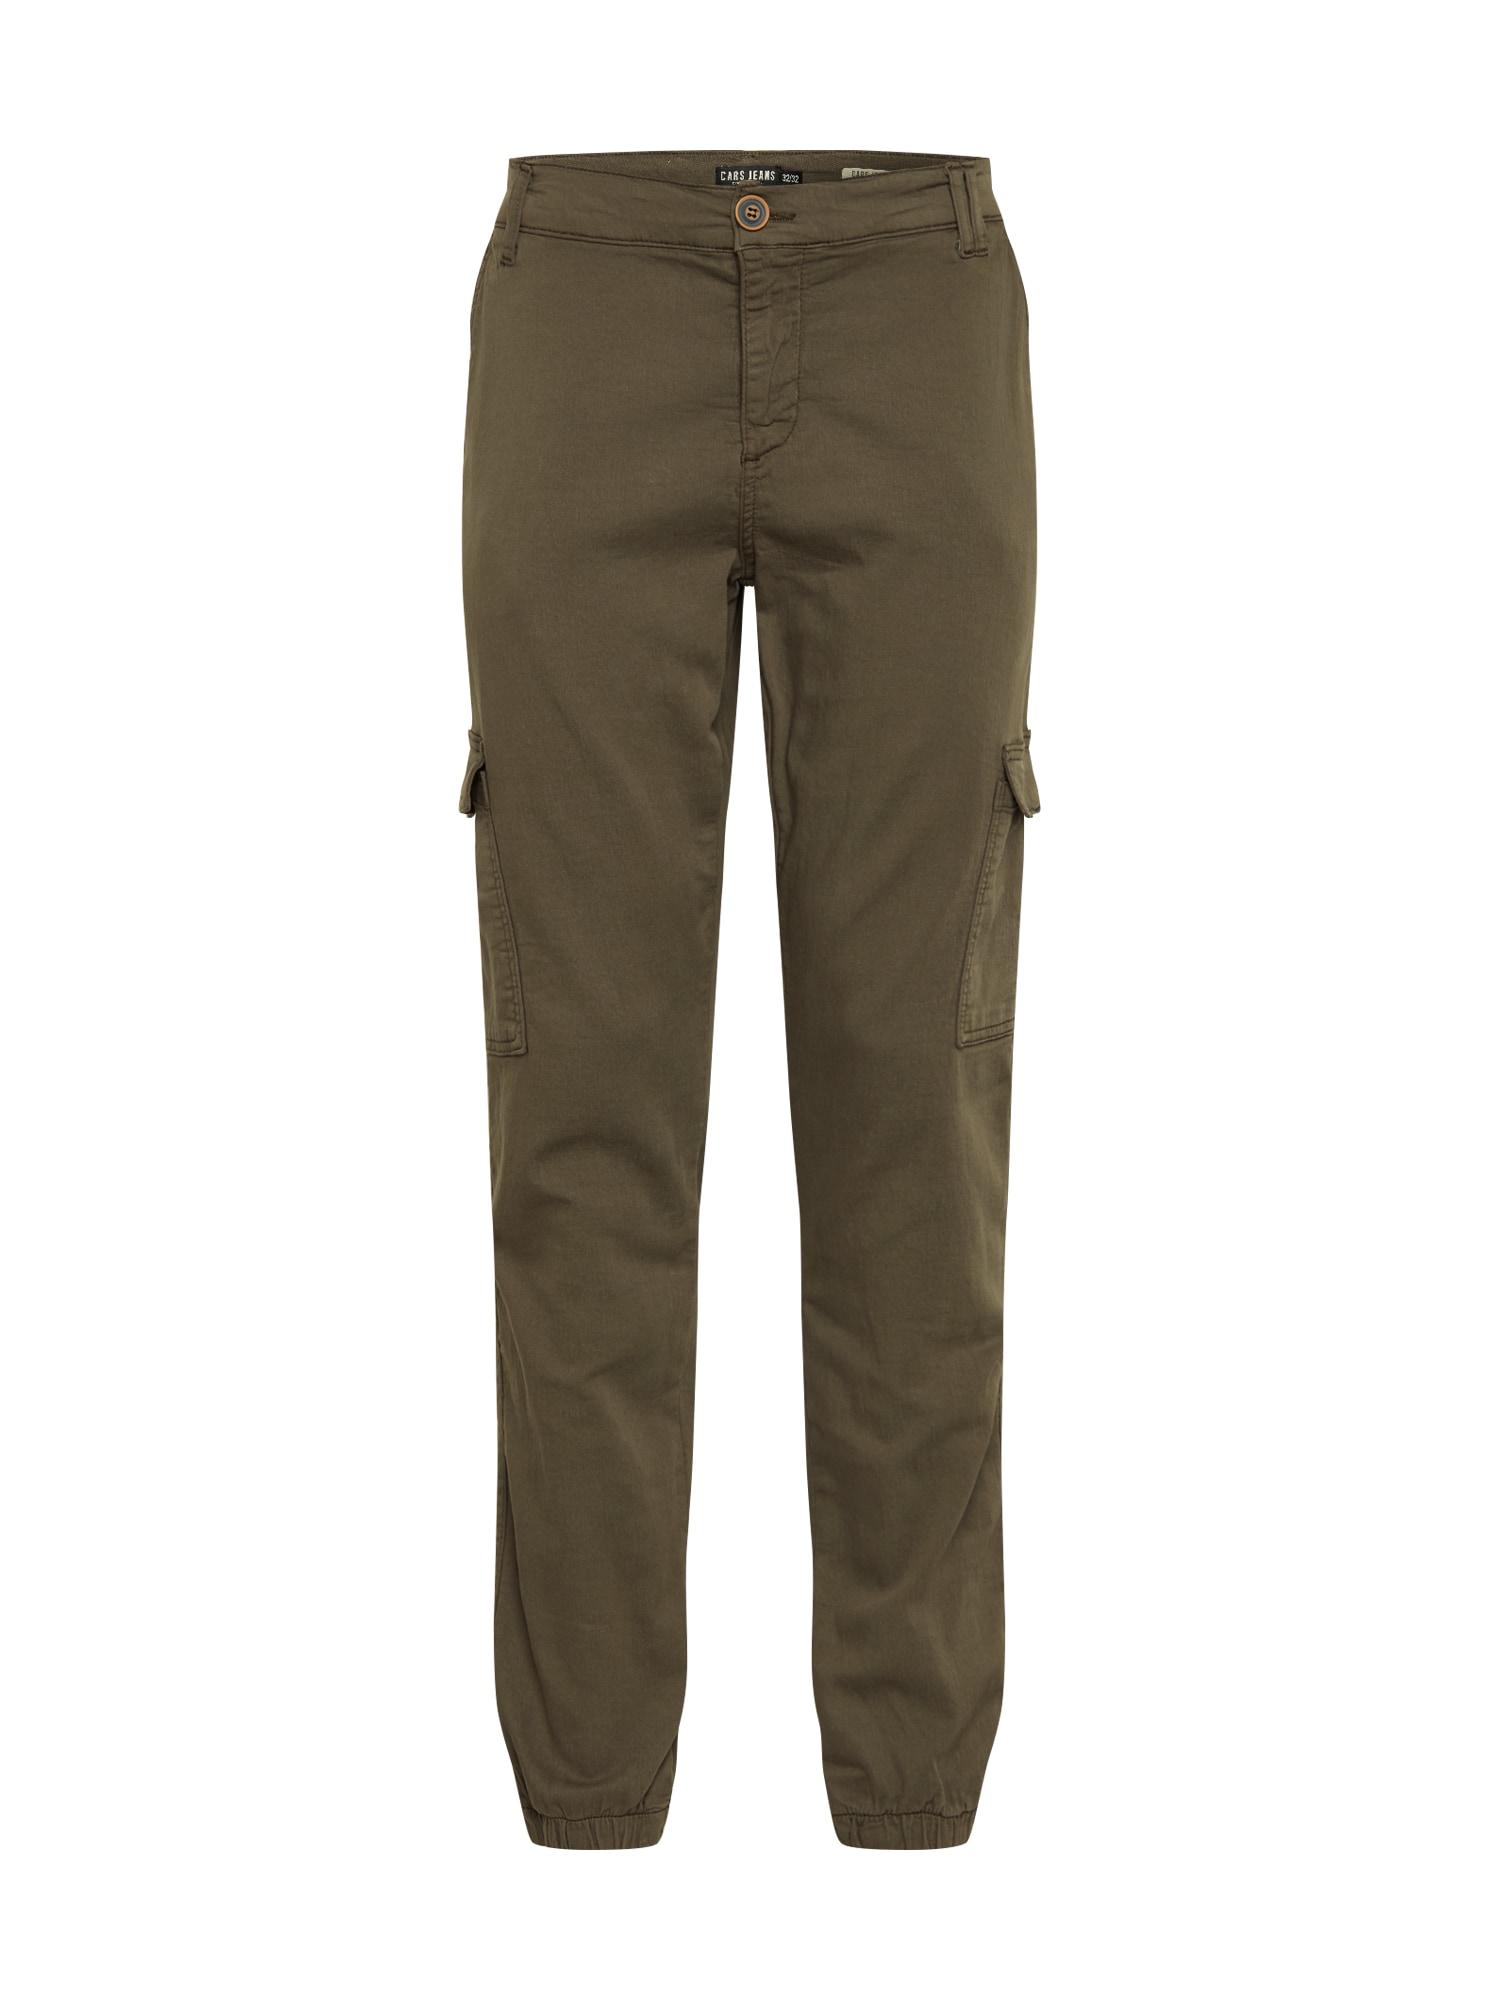 Cars Jeans Darbinio stiliaus kelnės 'JEREZ' rusvai žalia